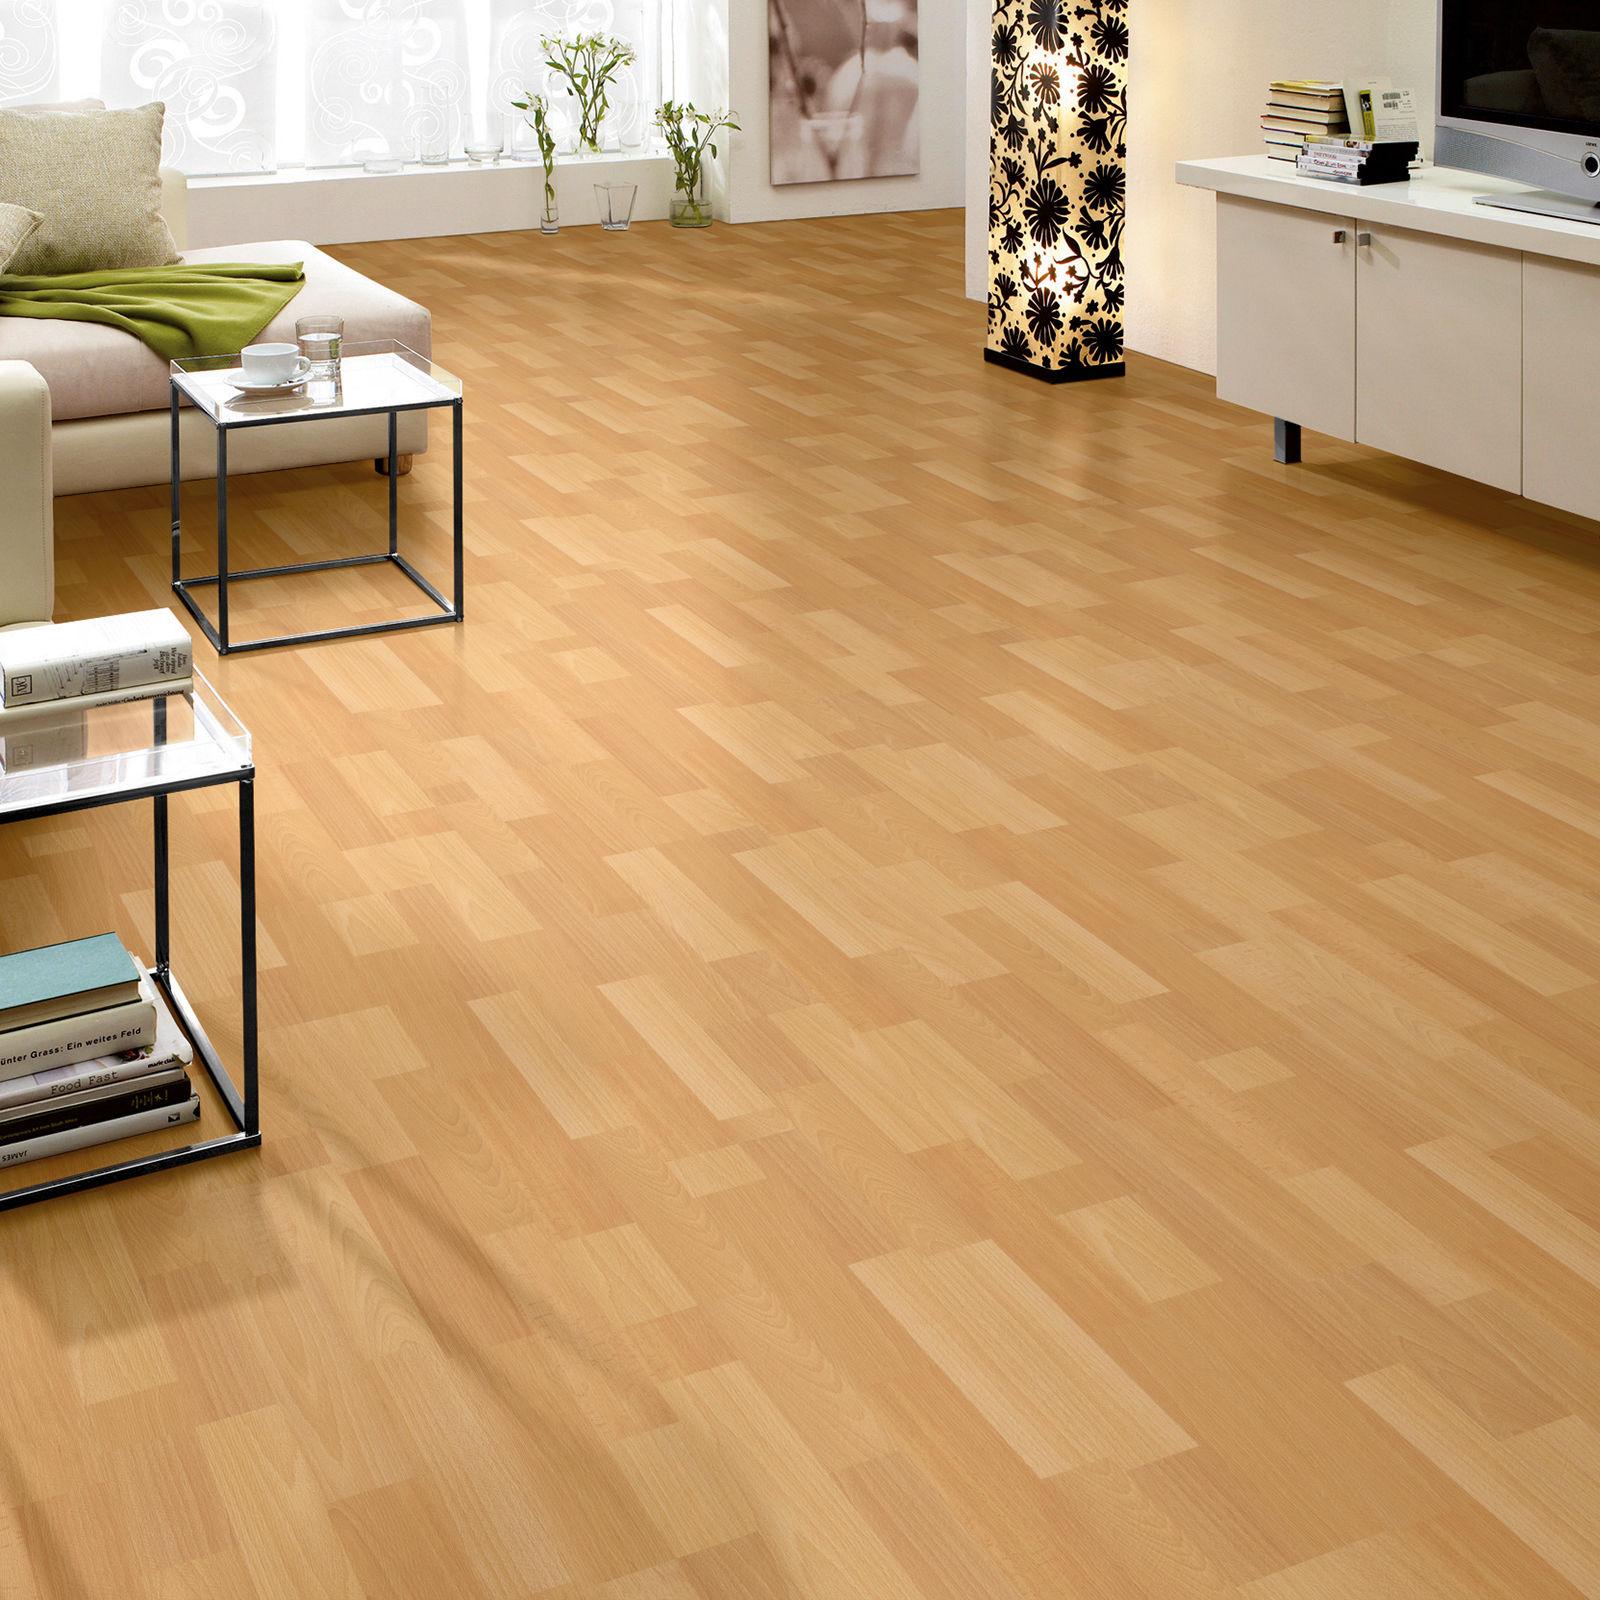 hori klebe vinylboden laminat dielenboden eiche buche. Black Bedroom Furniture Sets. Home Design Ideas